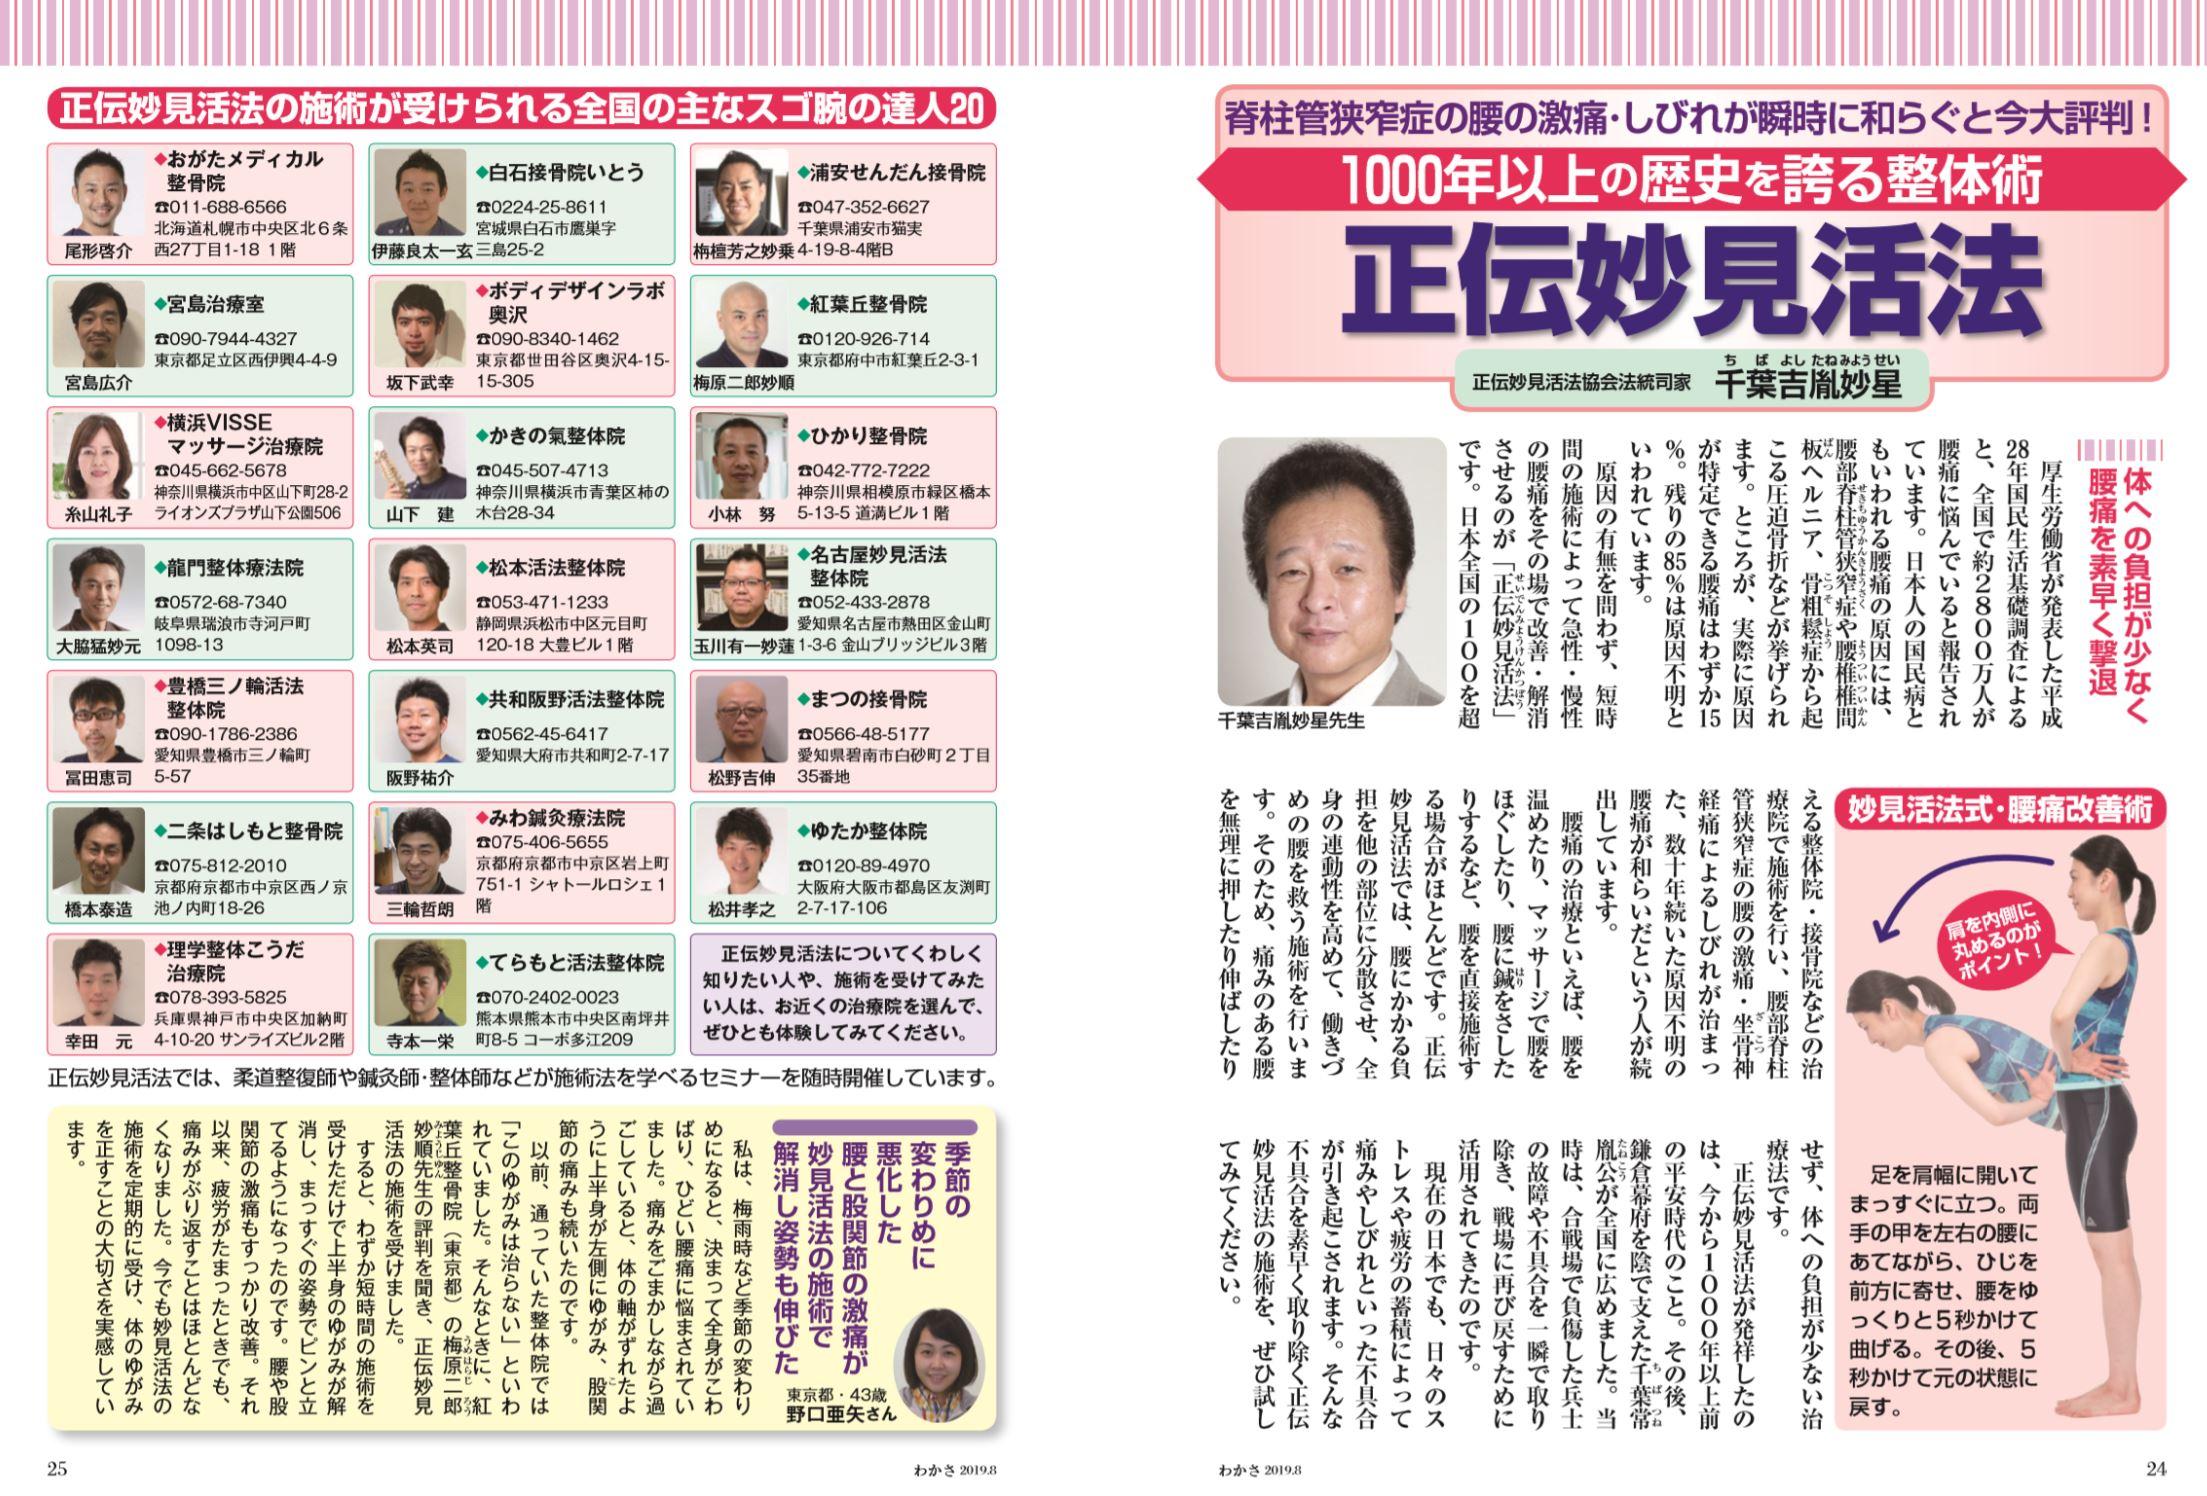 健康雑誌「わかさ」8月号に当院が紹介されました!